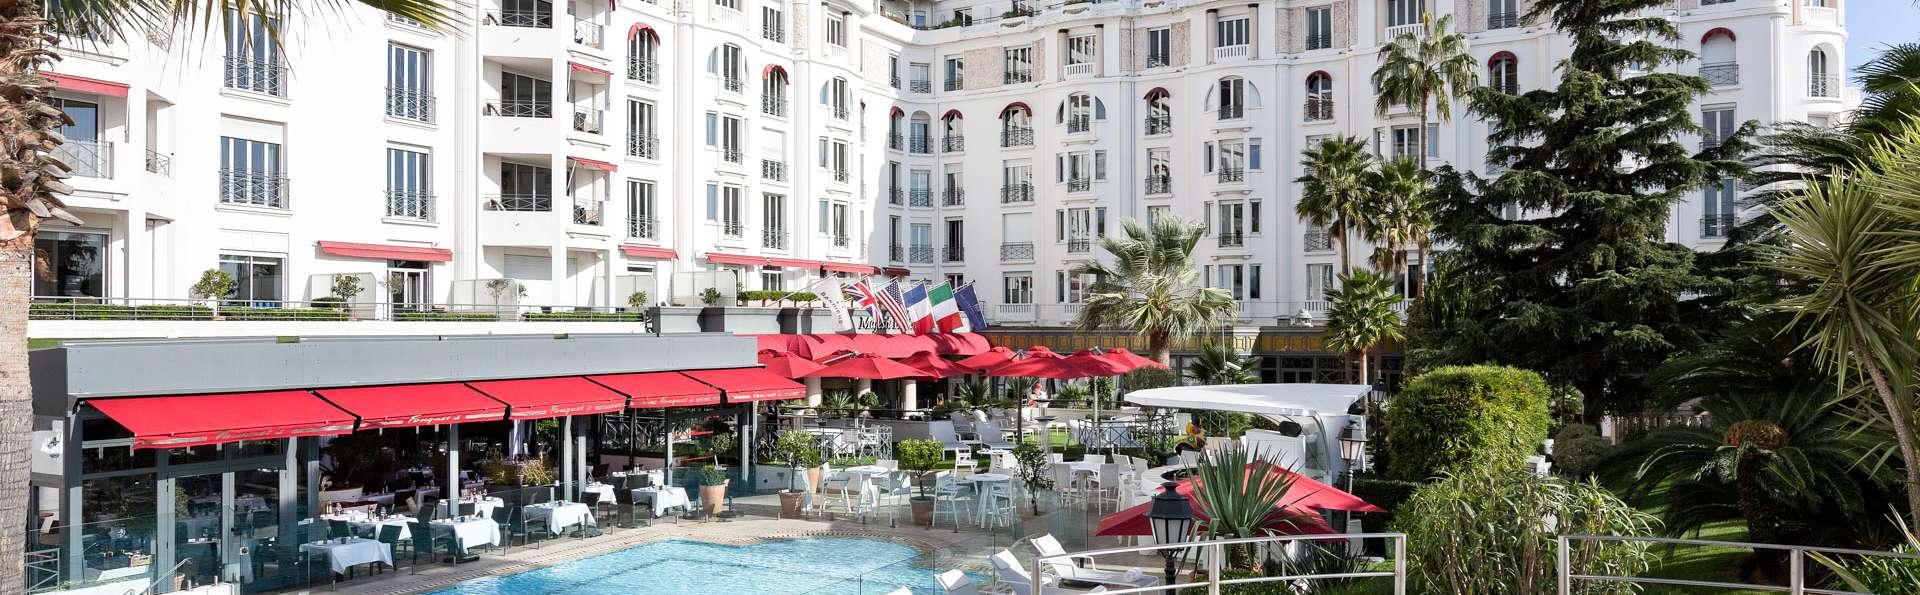 Hôtel Barrière Le Majestic Cannes - EDIT_POOL_02.jpg